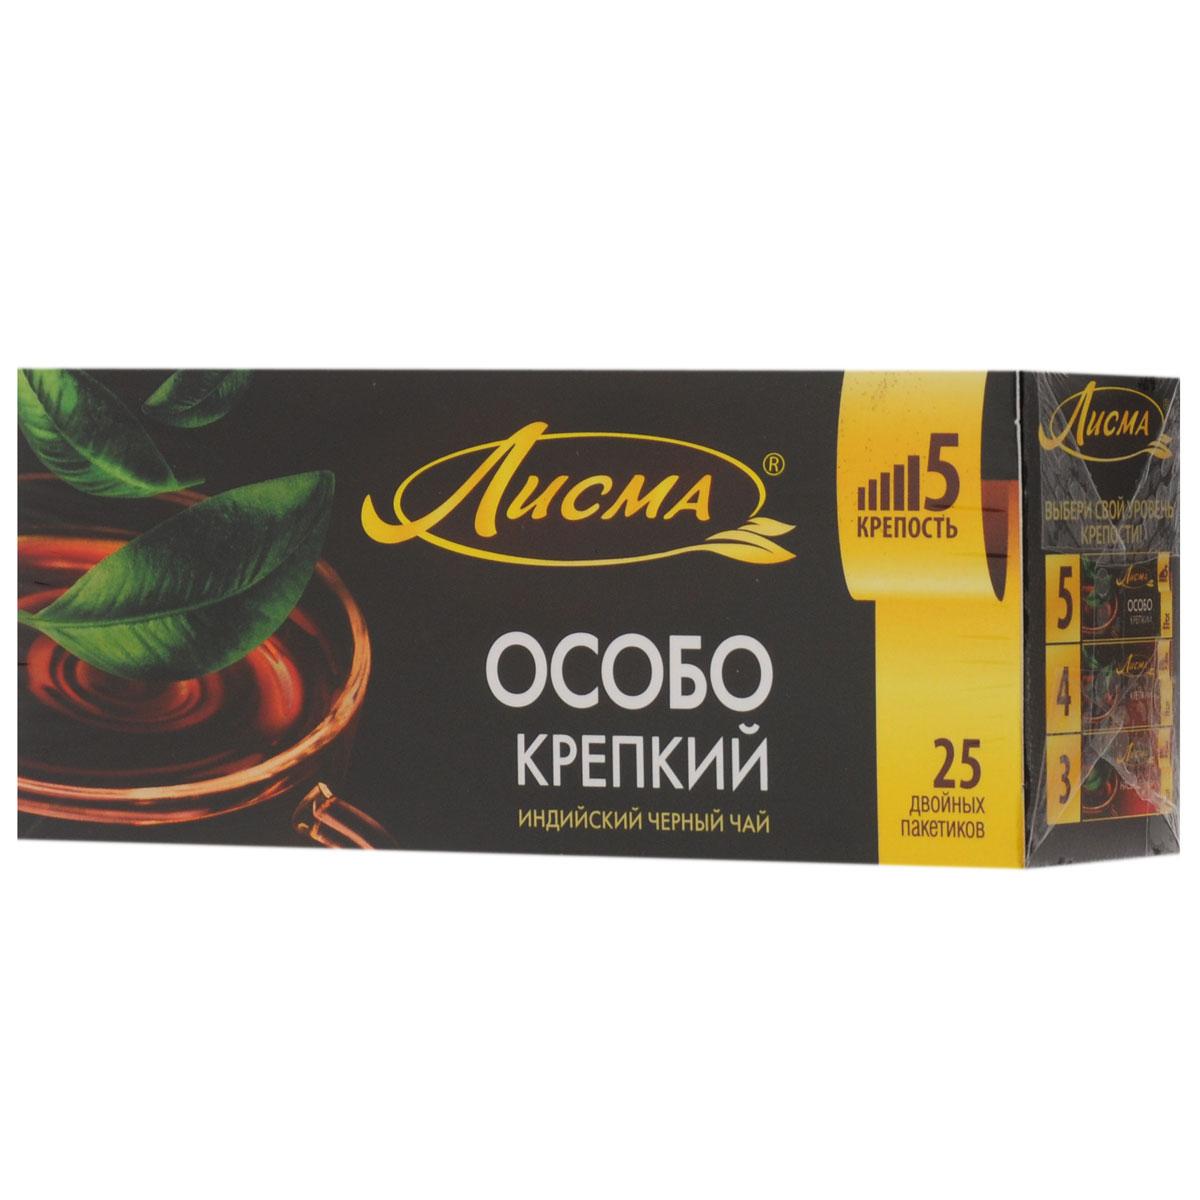 Лисма Особо Крепкий черный чай в пакетиках, 25 шт0120710Лисма Особо Крепкий - индийский черный байховый чай в пакетиках. В коробке содержится 25 пакетиков по 2,3 грамма.